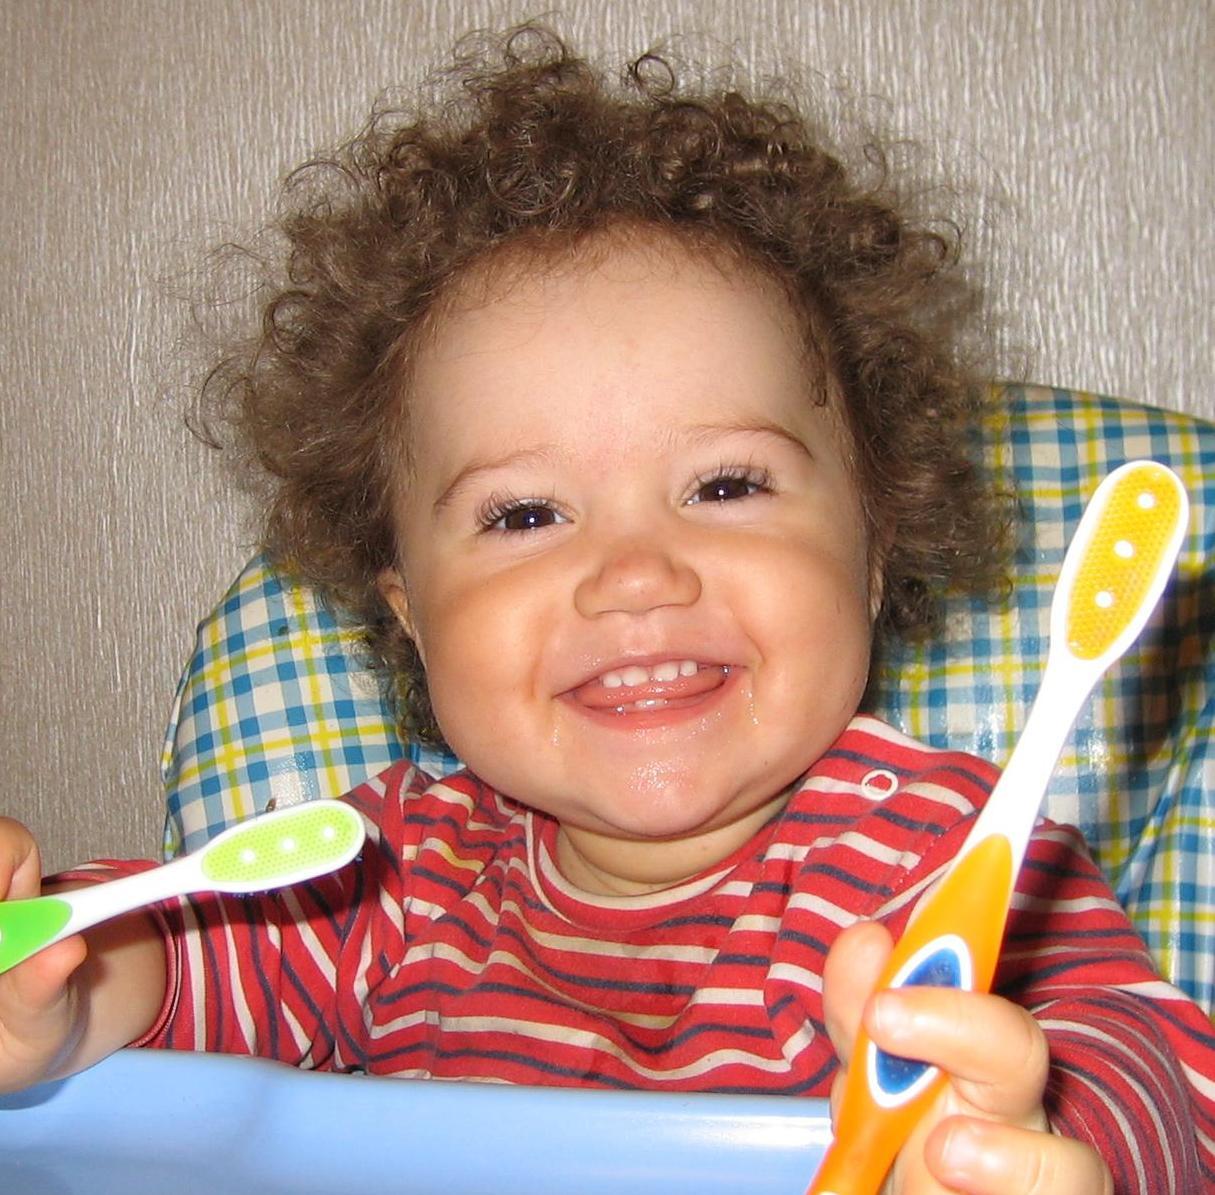 Весело чистить зубы. Время улыбаться